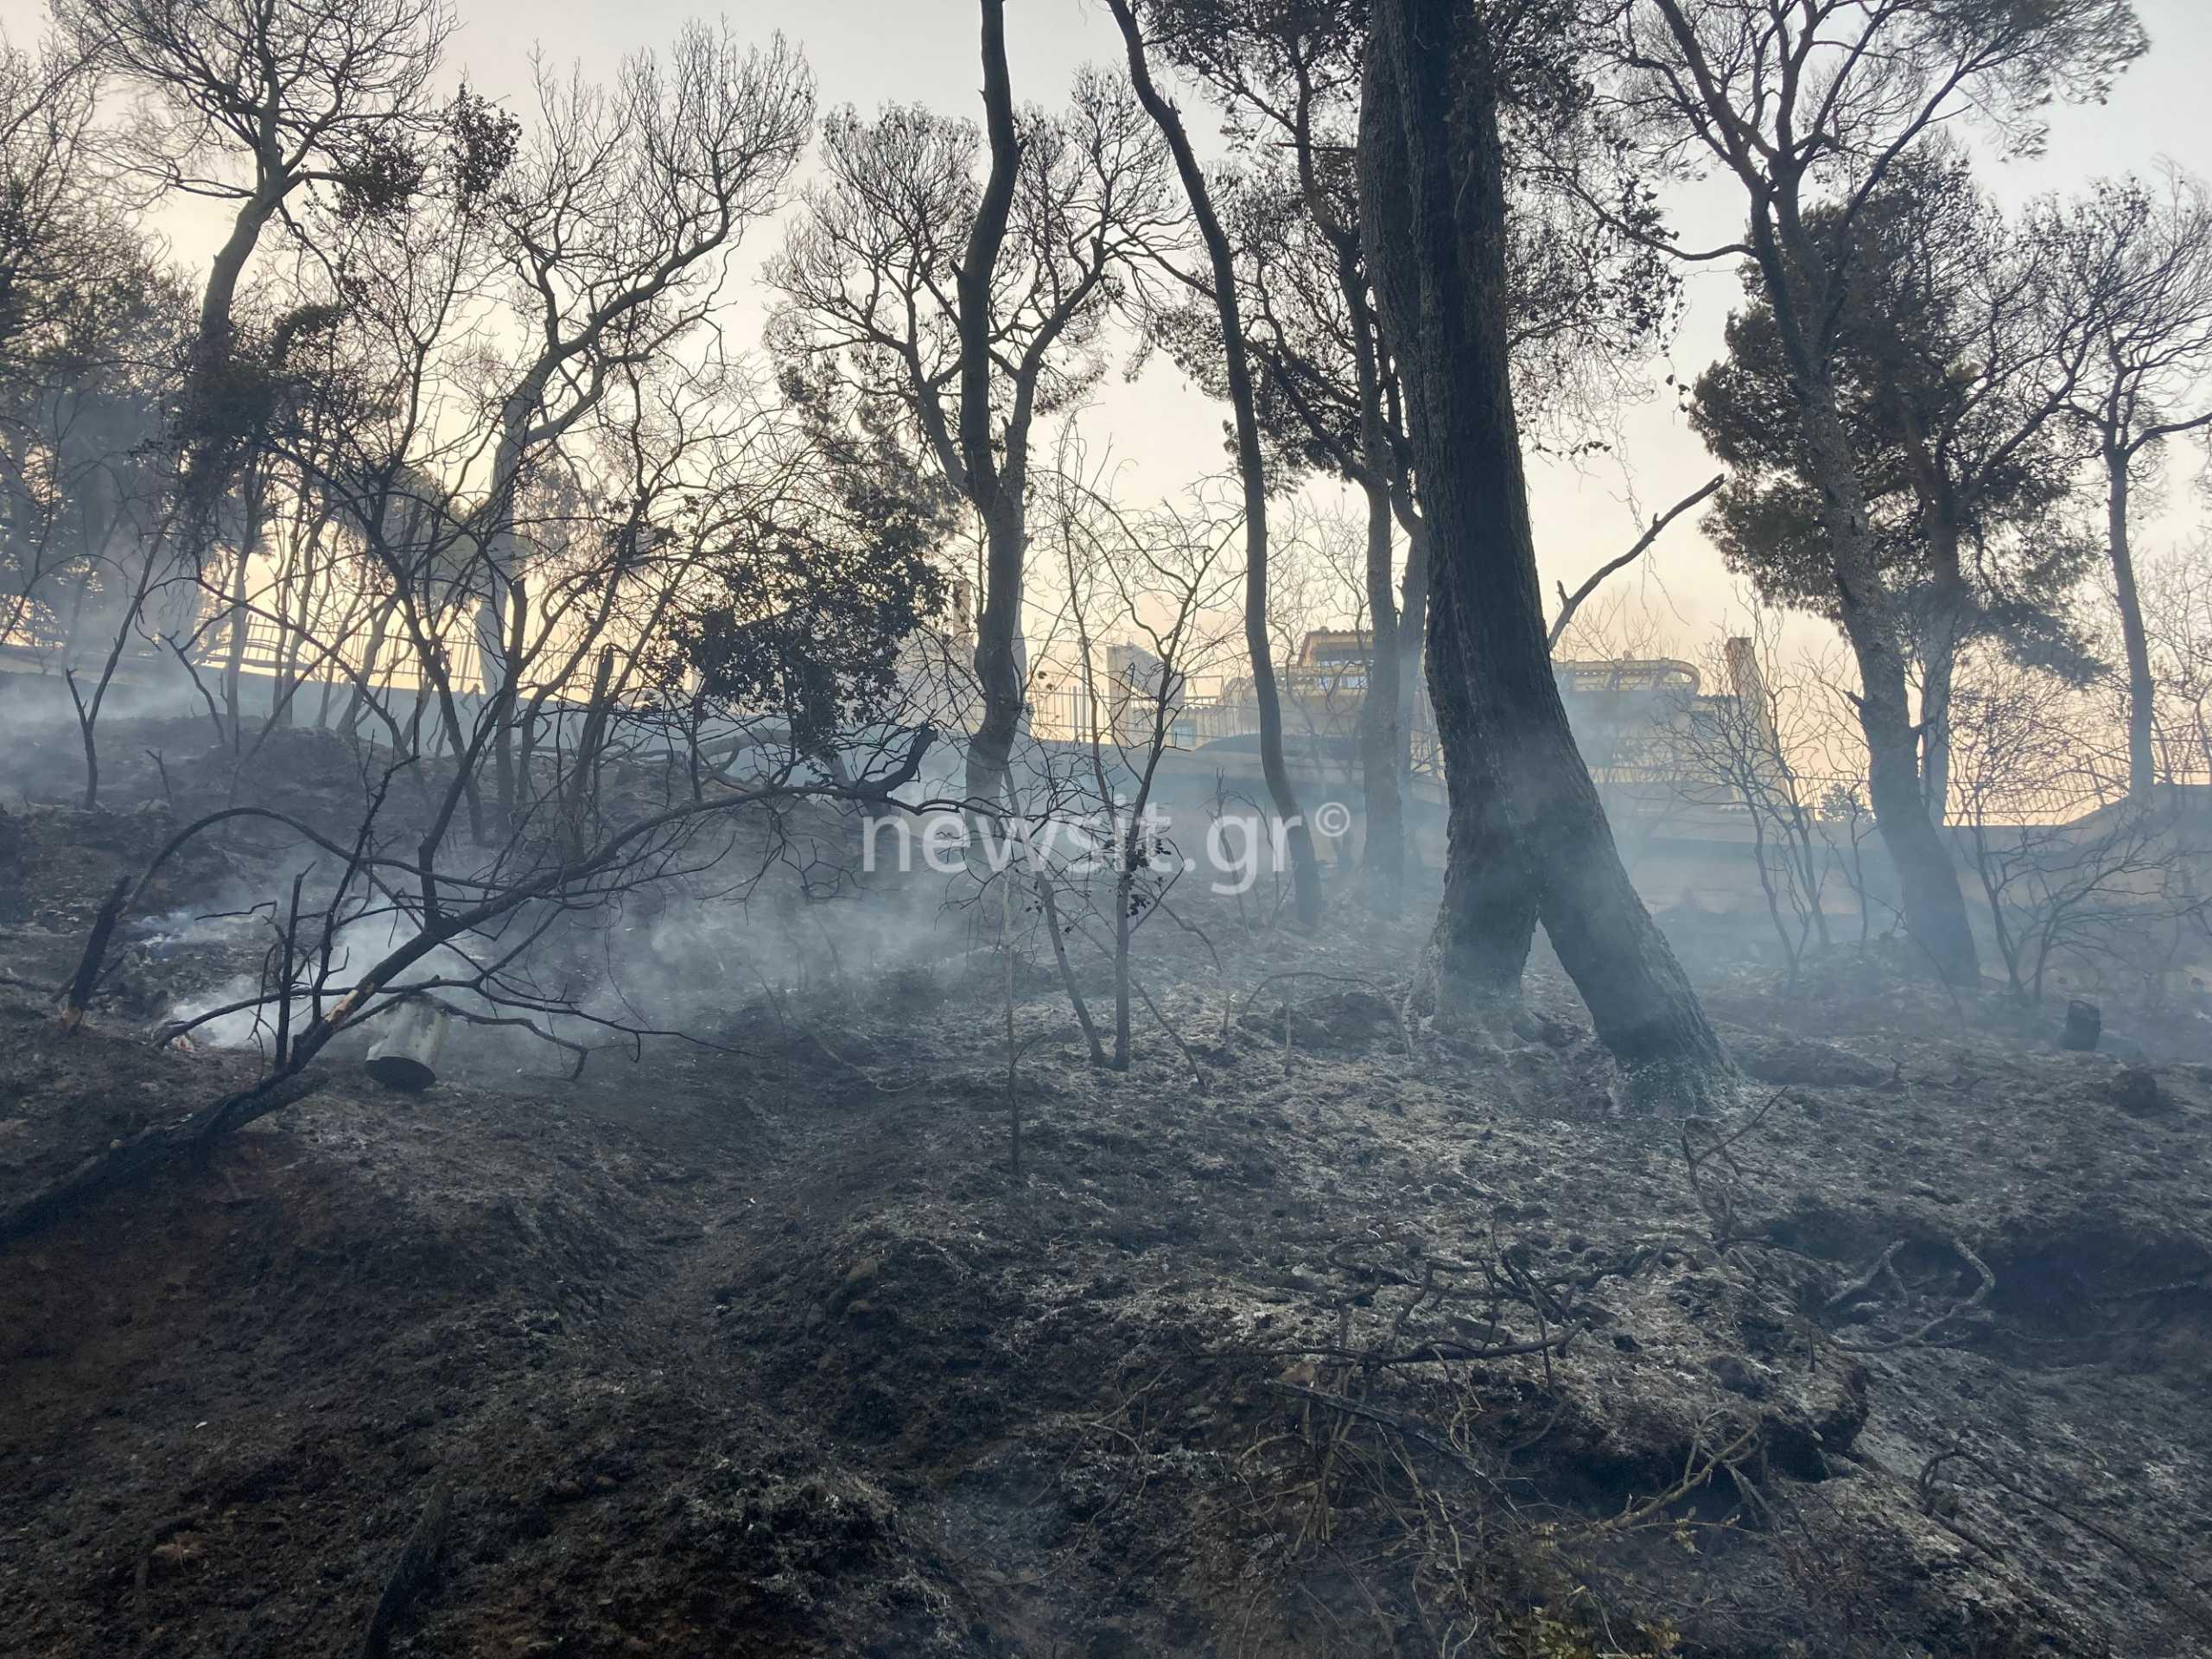 Ευθύμιος Λέκκας: Επτά φορές πιο πιθανό να υπάρξουν πλημμύρες μετά τις φωτιές